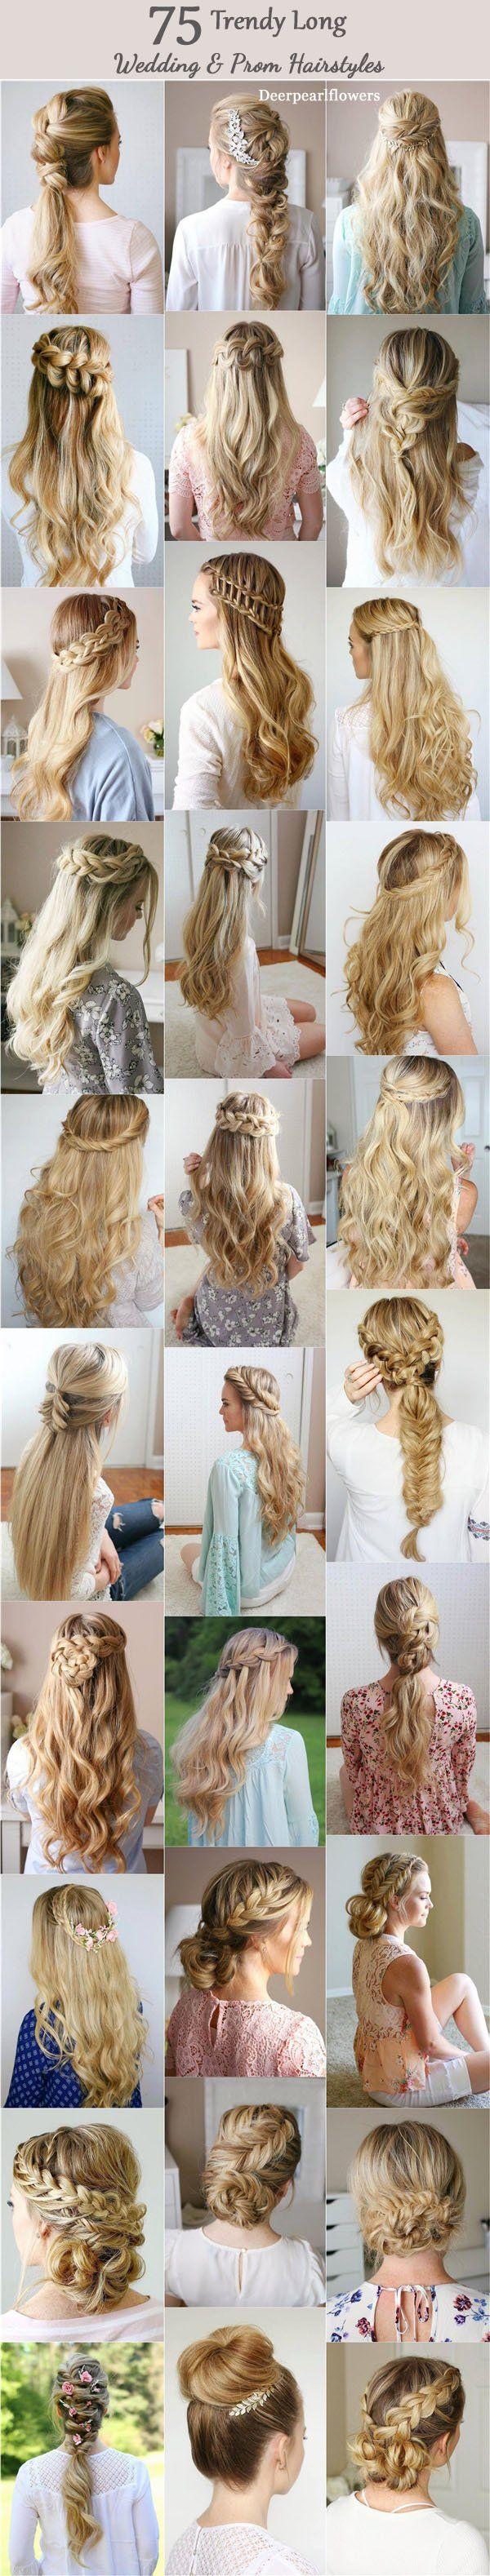 2017 Düğün Saç Modelleri ,  #abiyetopuzmodelleri #düğünsaçmodellerigenç #kınasaçmodelleri #nişansaçmodelleri #salıksaçmodelleri , 2017 nin sizlere en güzel saç modellerini hazırladık. Düğün saç modelleri arayanlar için. Havalar ısındı. Düğün sezonu başladı. Evlen...